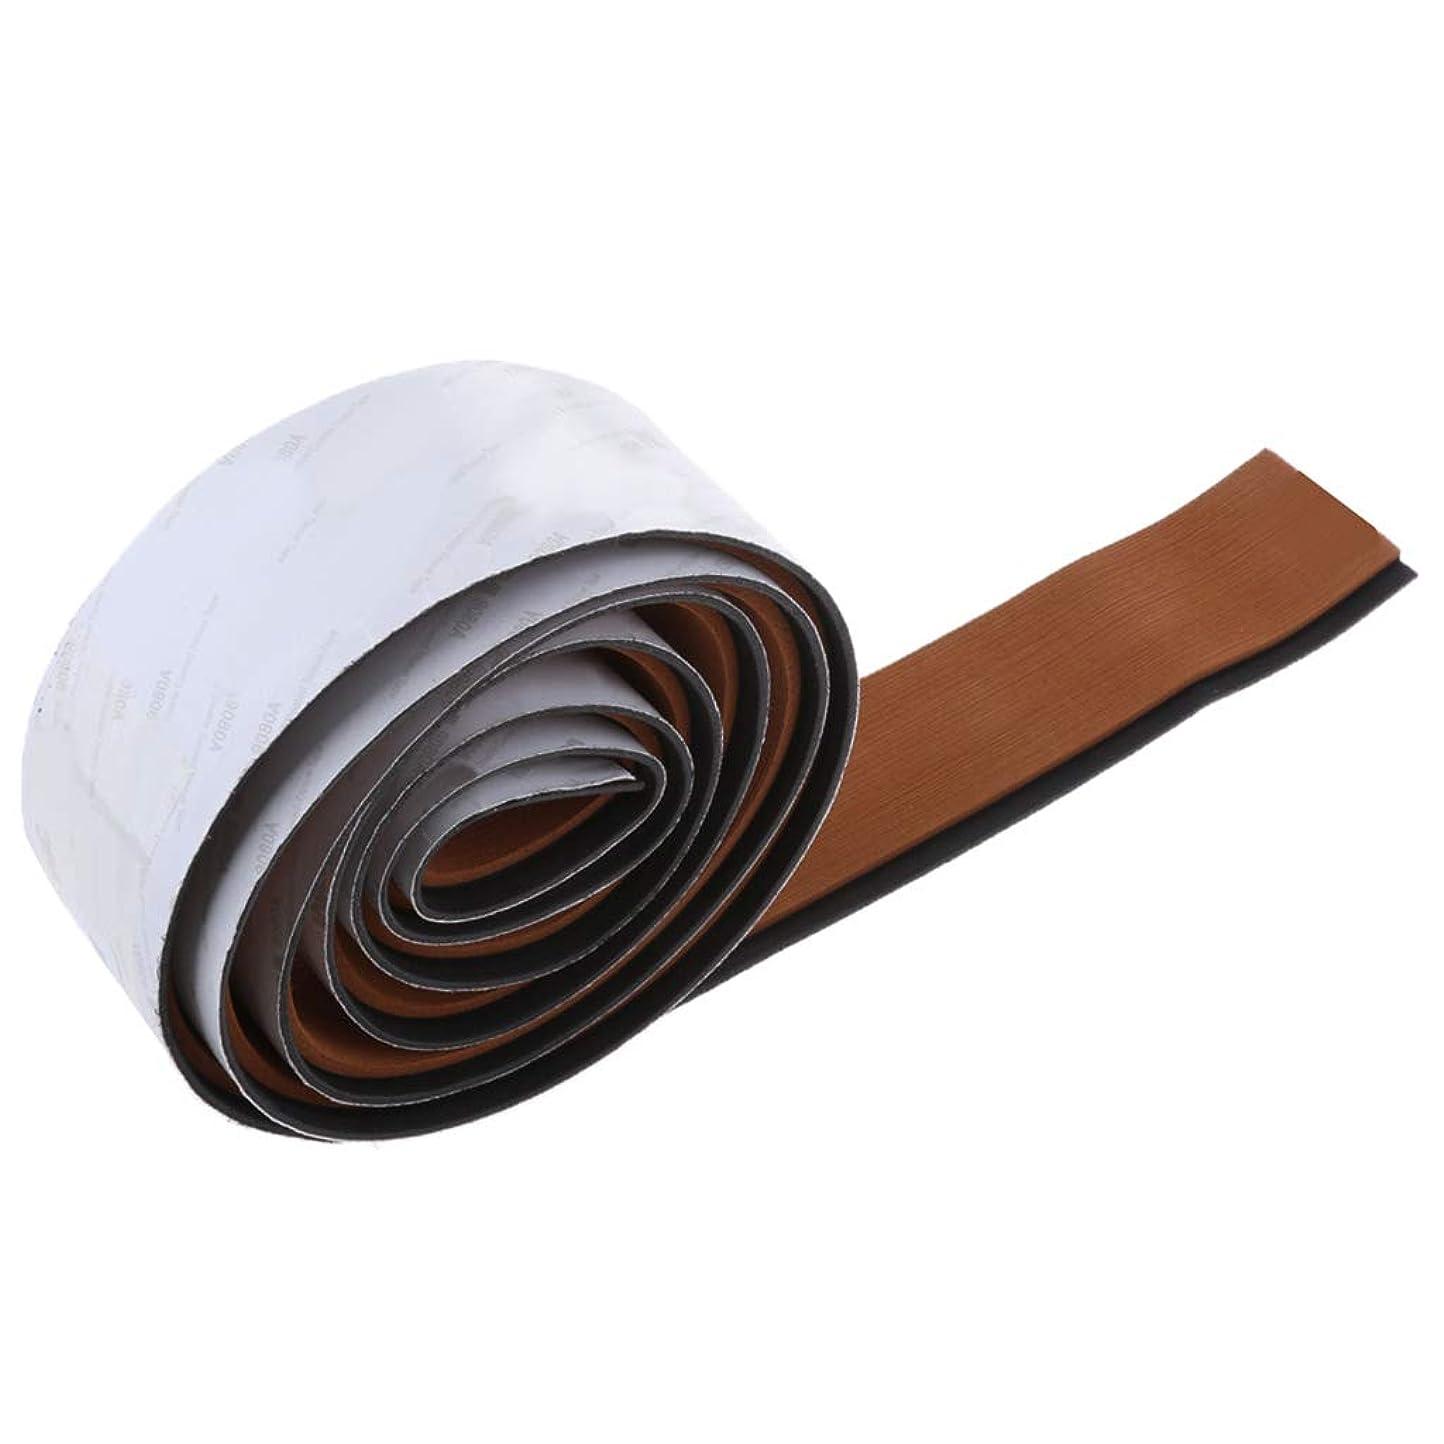 ファンシー制限する怠惰H HILABEE テープ フローリングシート ボート用品 耐久性 防水性 便利性 取り付け簡単 マリン ヨット用 - ライトブラウンブラックストライプ